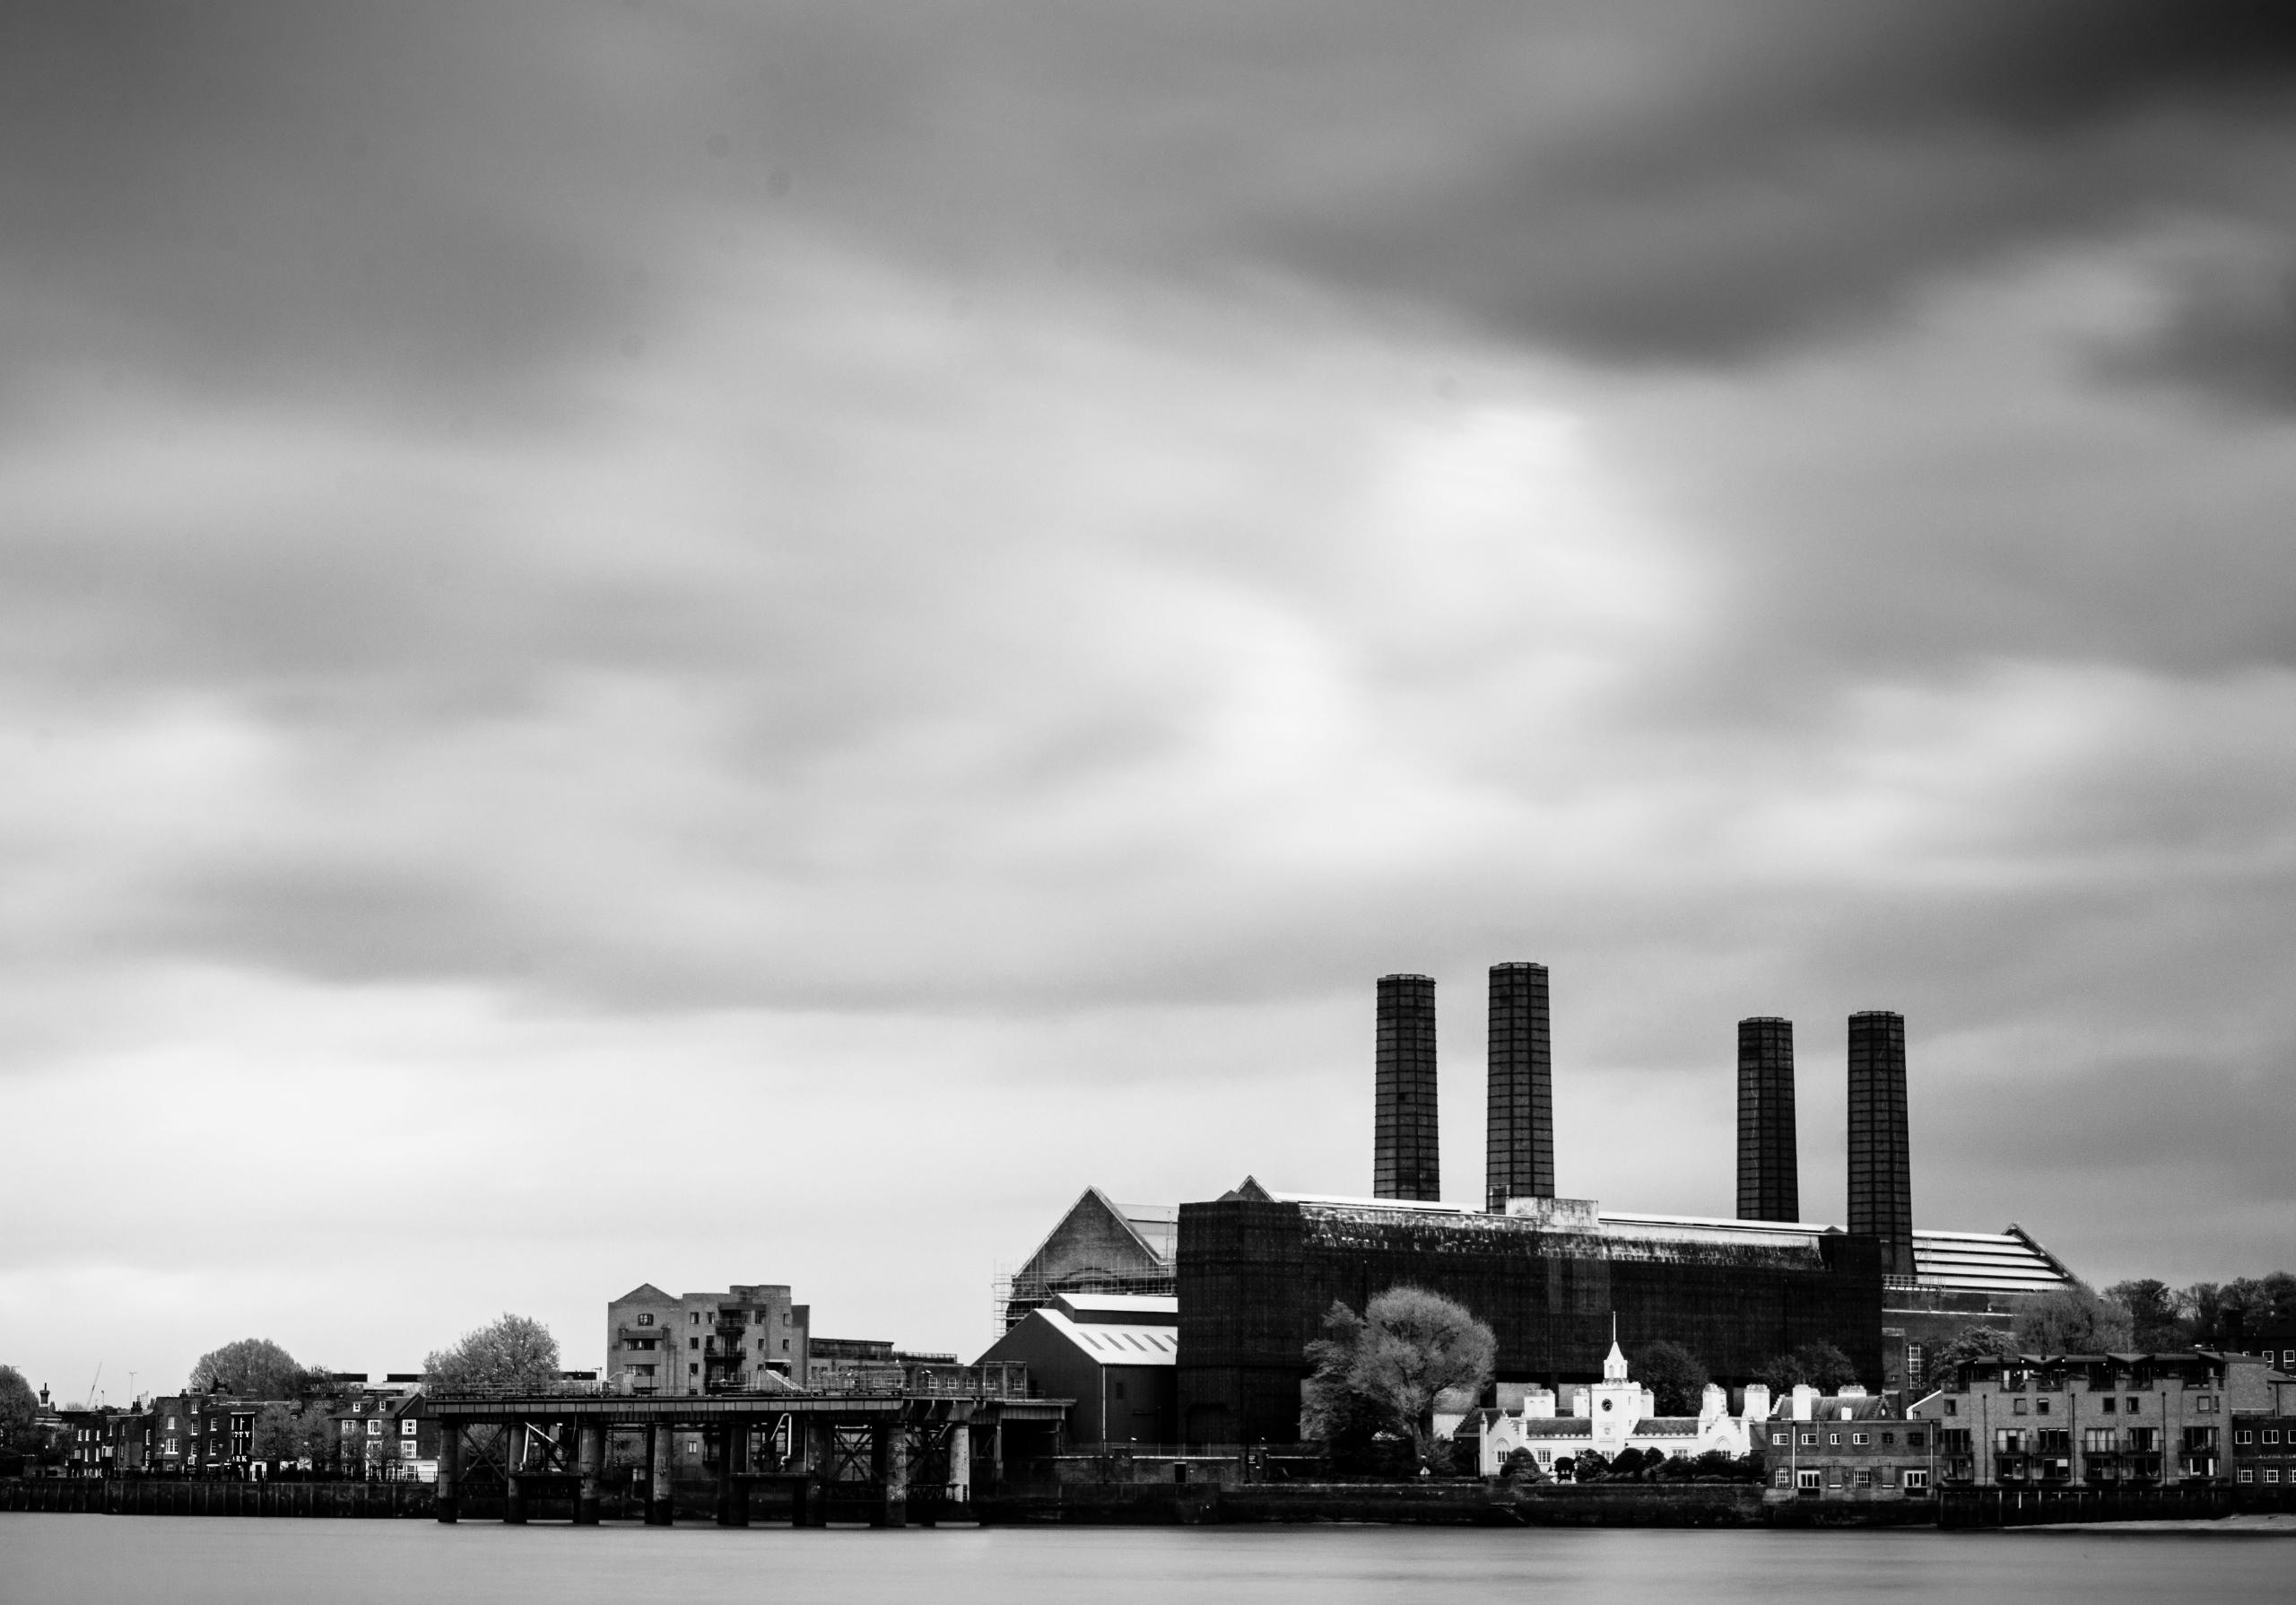 Station Power | - Greenwich, London - fabianodu | ello